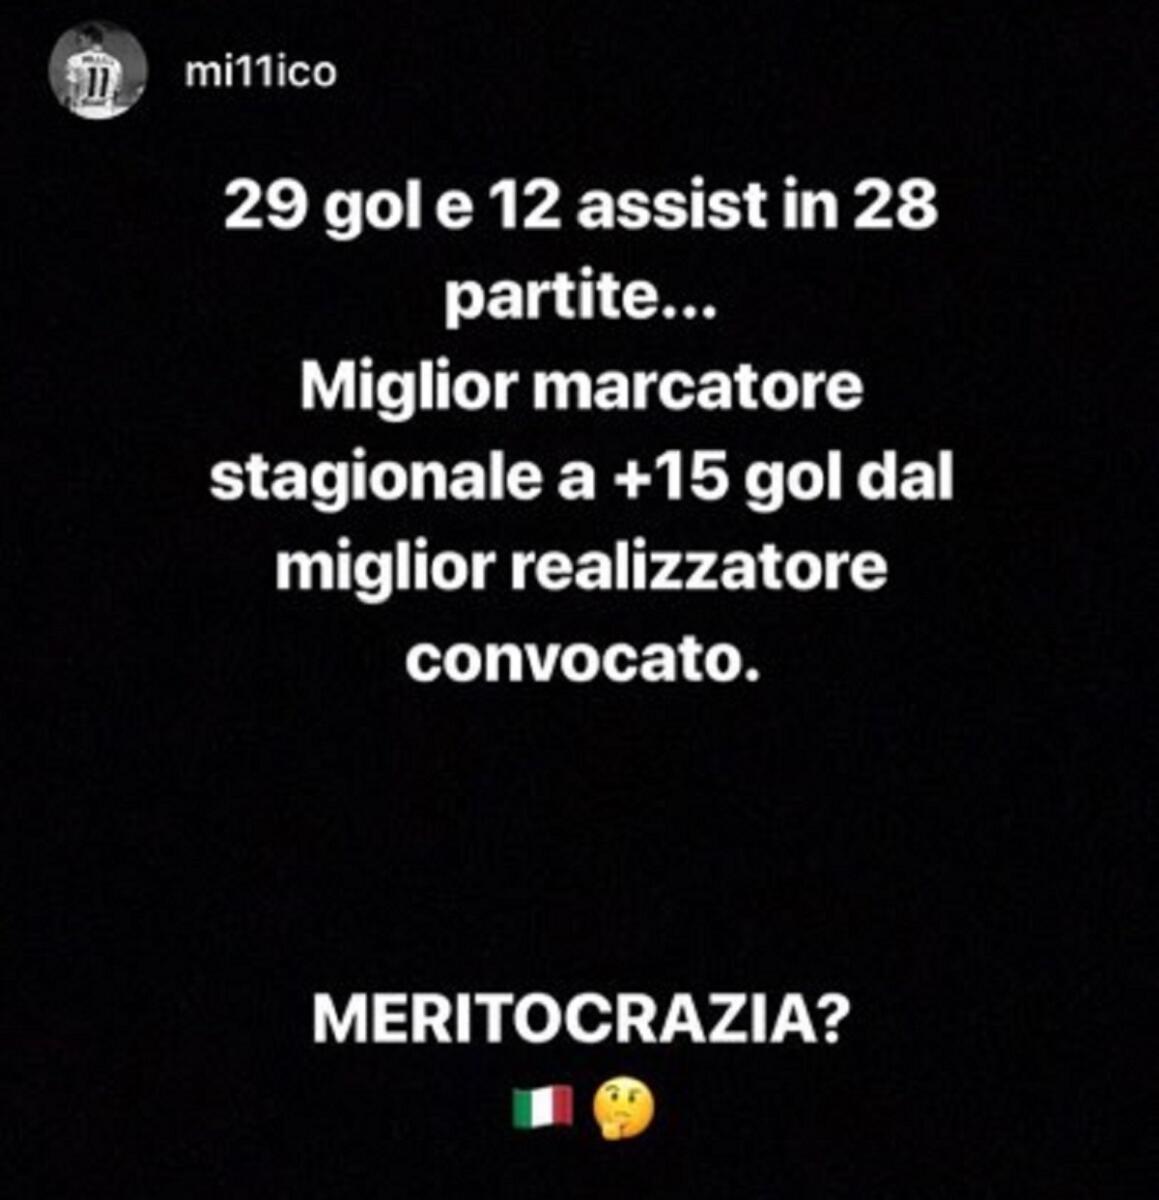 Millico su Instagram